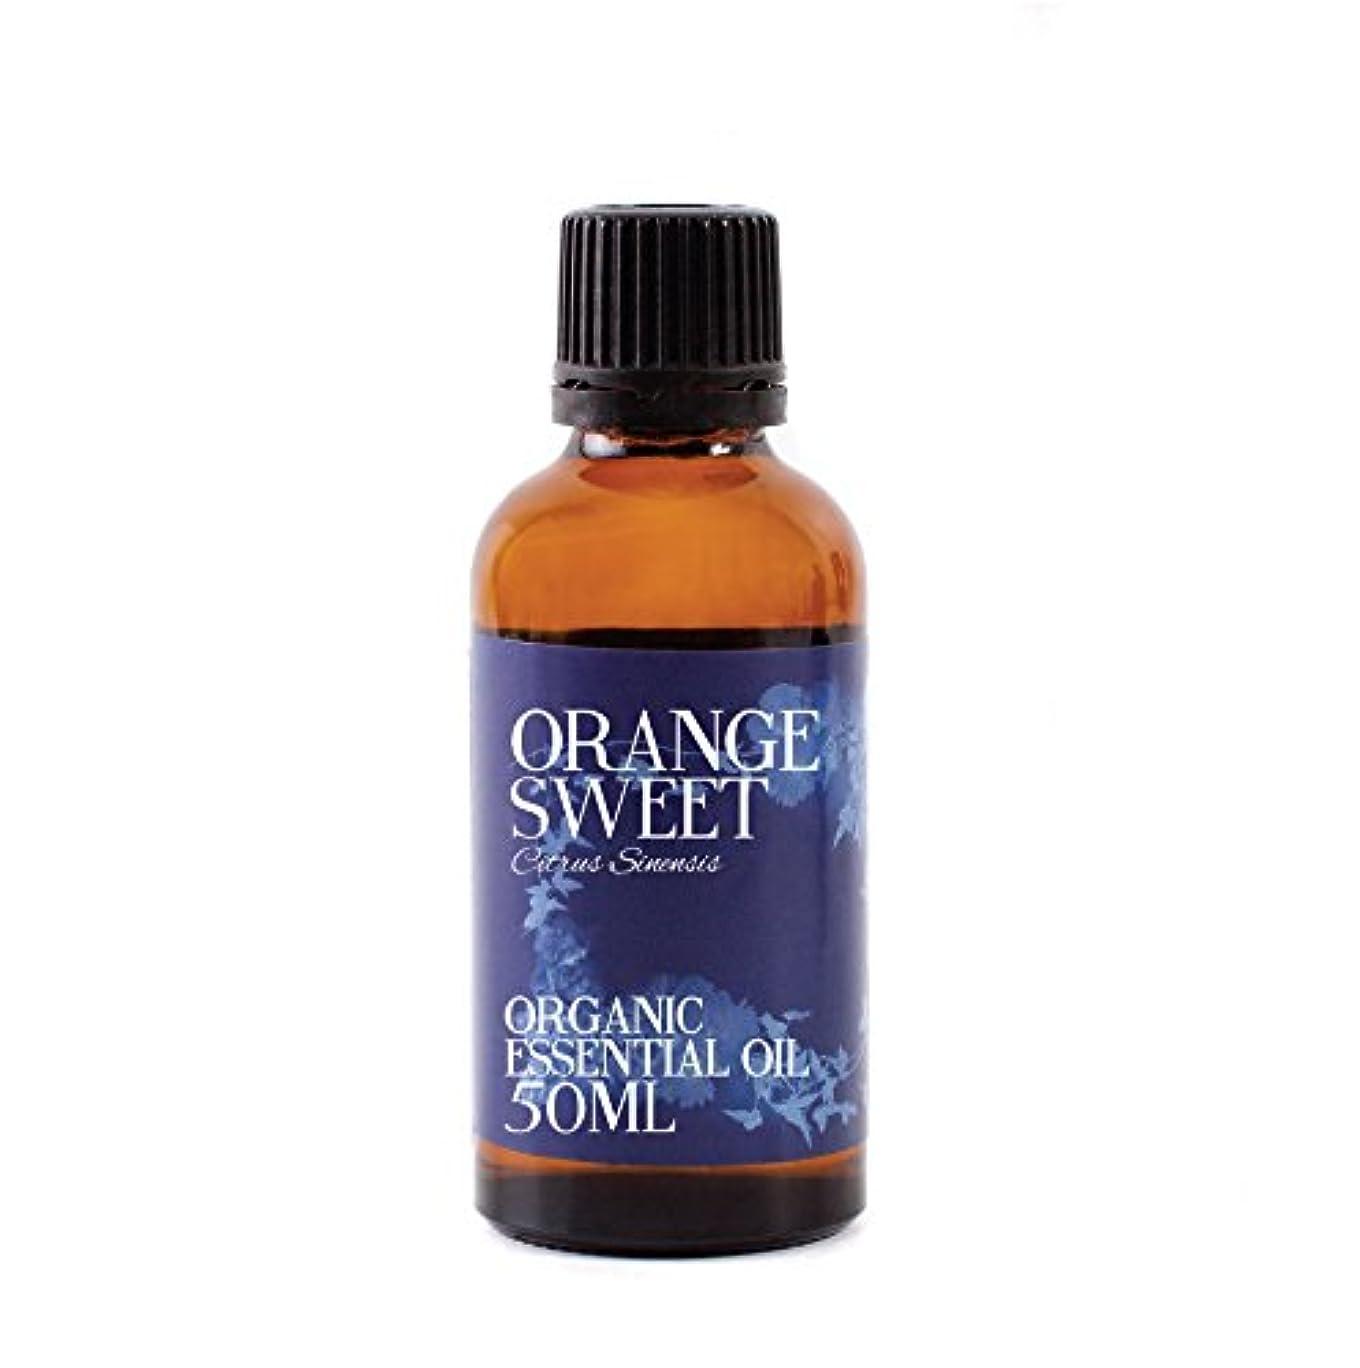 代わりに素晴らしい骨の折れるMystic Moments | Orange Sweet Organic Essential Oil - 50ml - 100% Pure